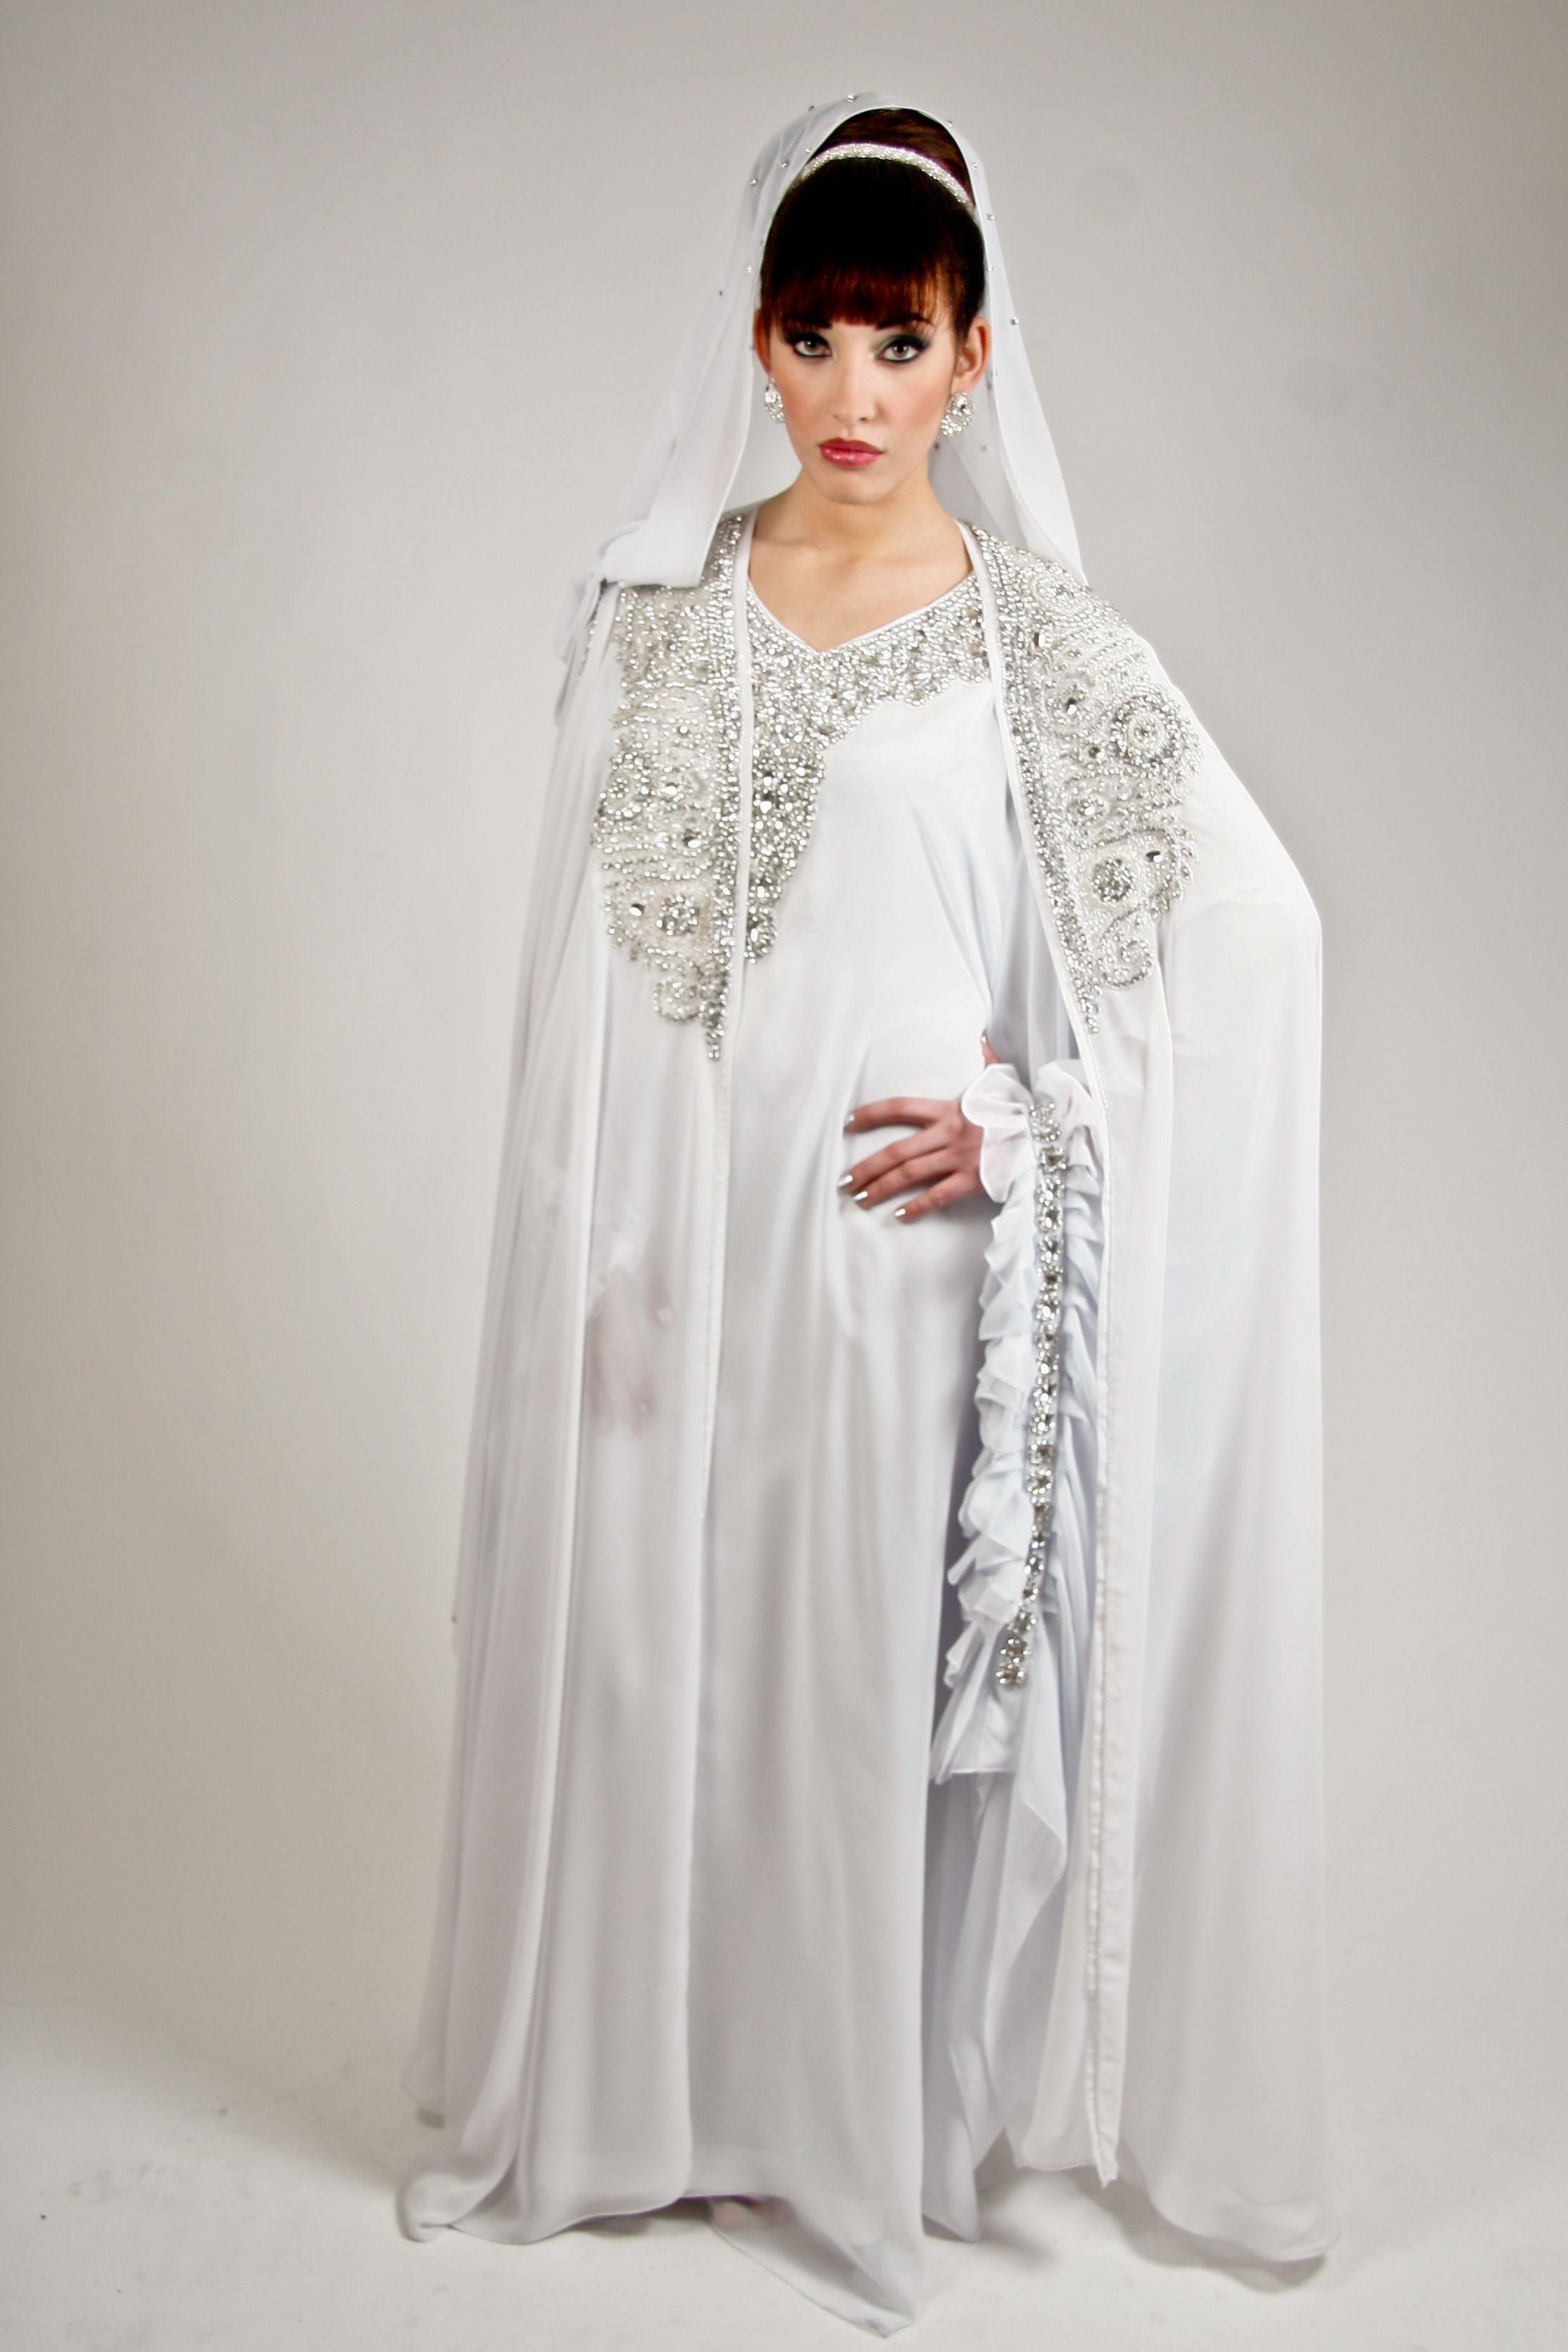 Robe de dubai mariee